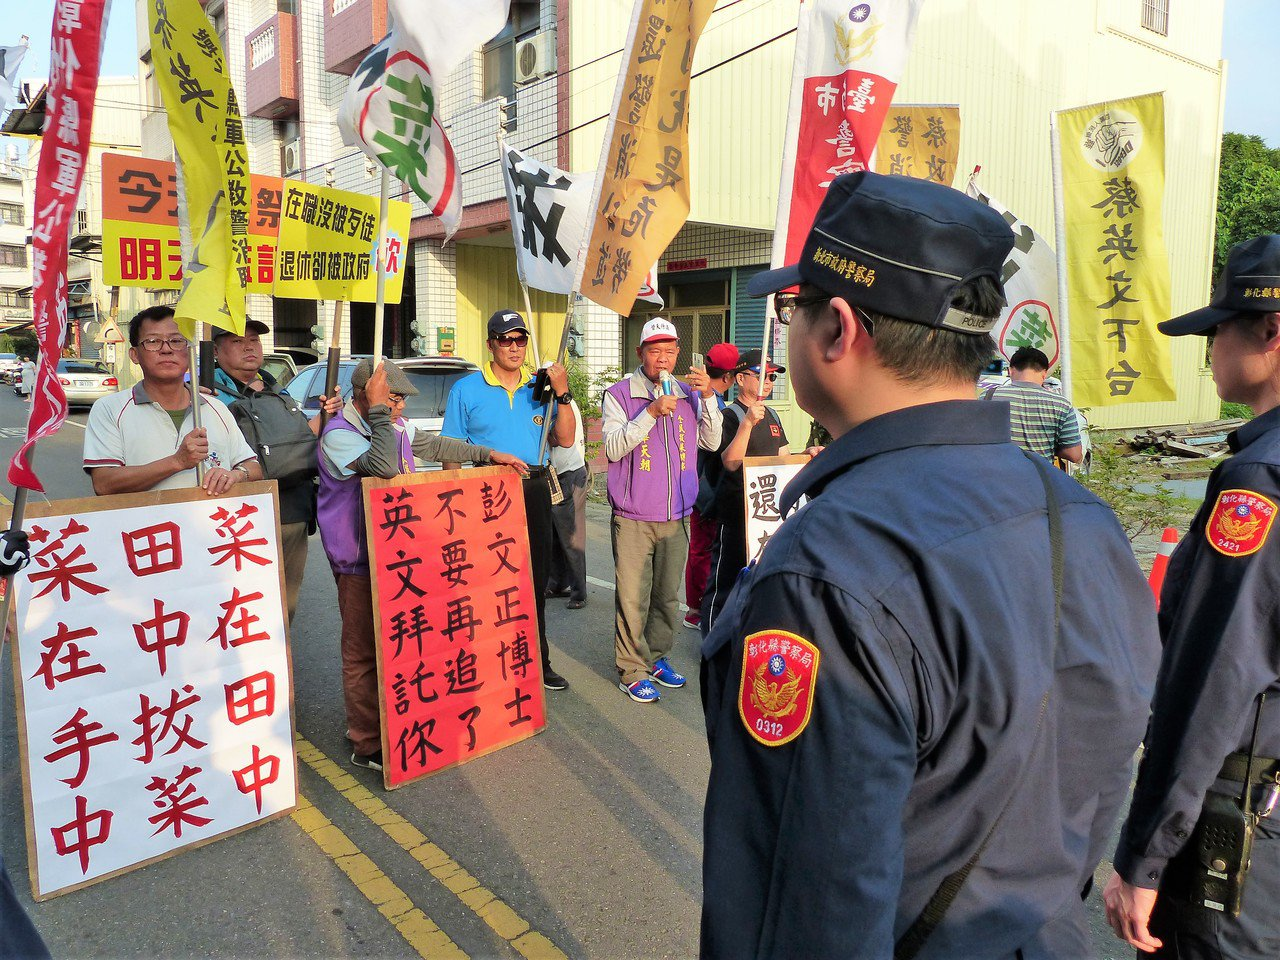 總統蔡英文抵達社頭天門宮之前,有抗議團體在旁邊大喊「蔡英文下台」。記者凌筠婷/攝...